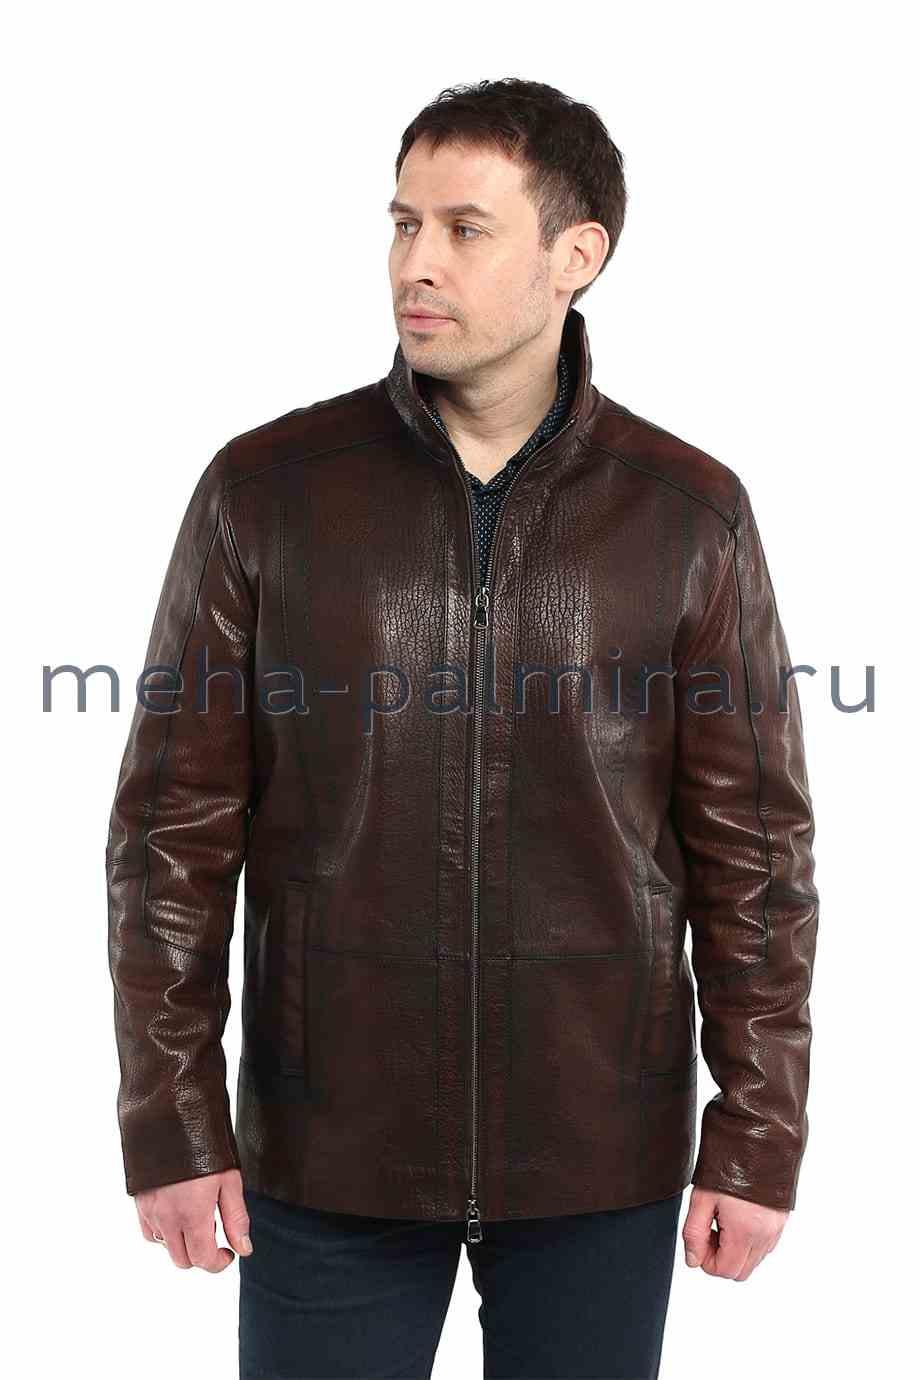 Удлиненная мужская куртка из кожи